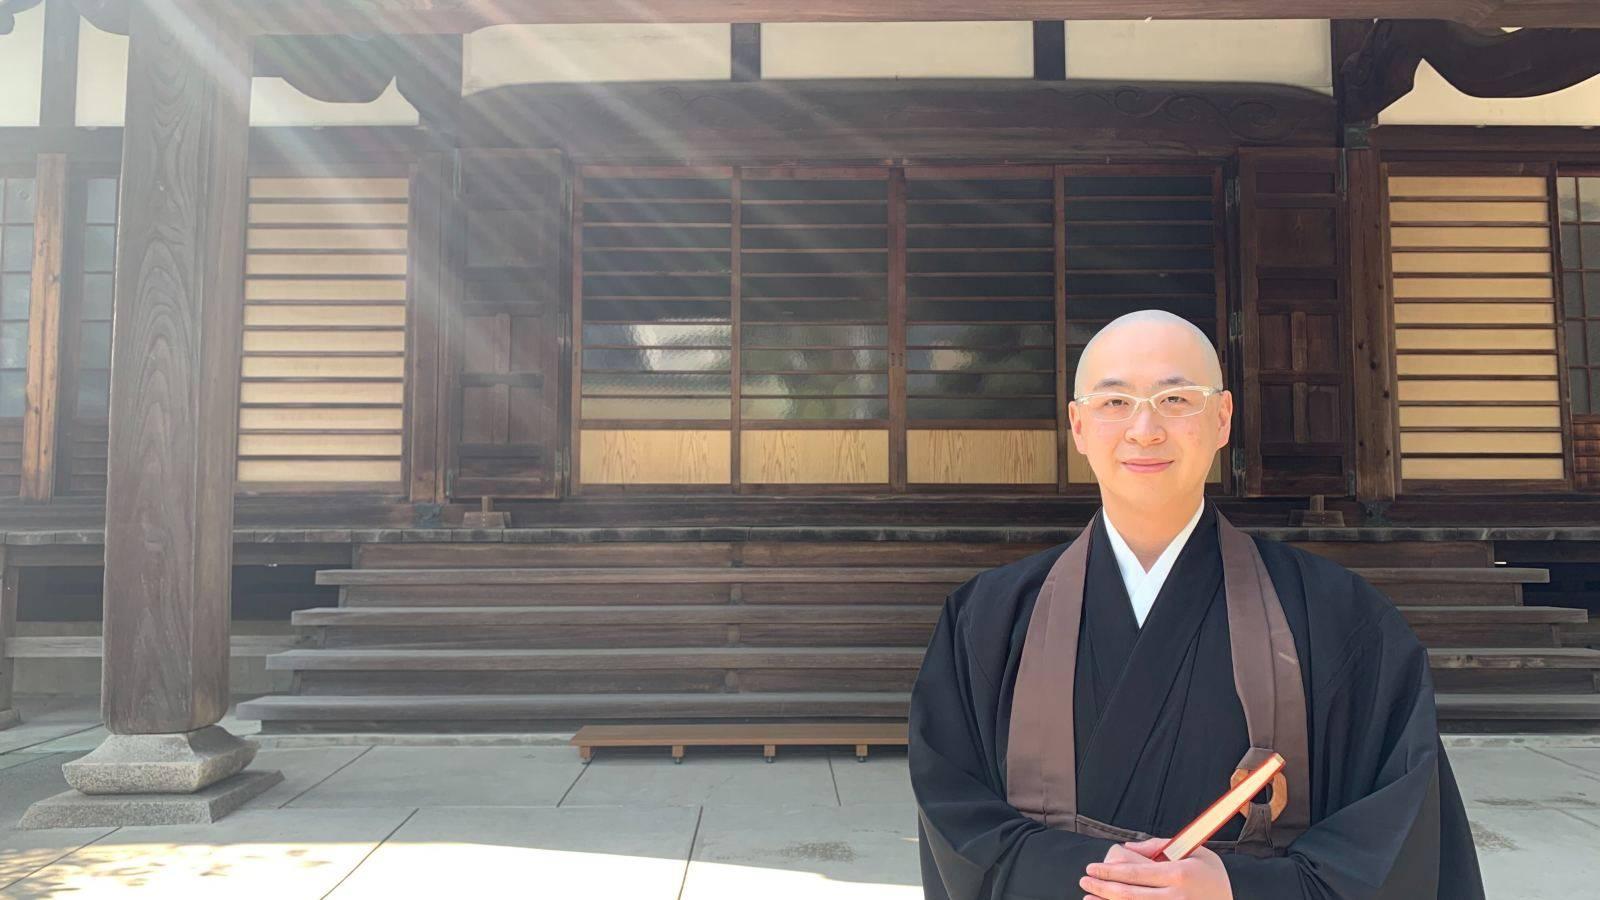 周囲にあたり散らす、カッとなる…攻撃性の裏にあるものとは|禅僧の精神科医・川野泰周さんに聞く